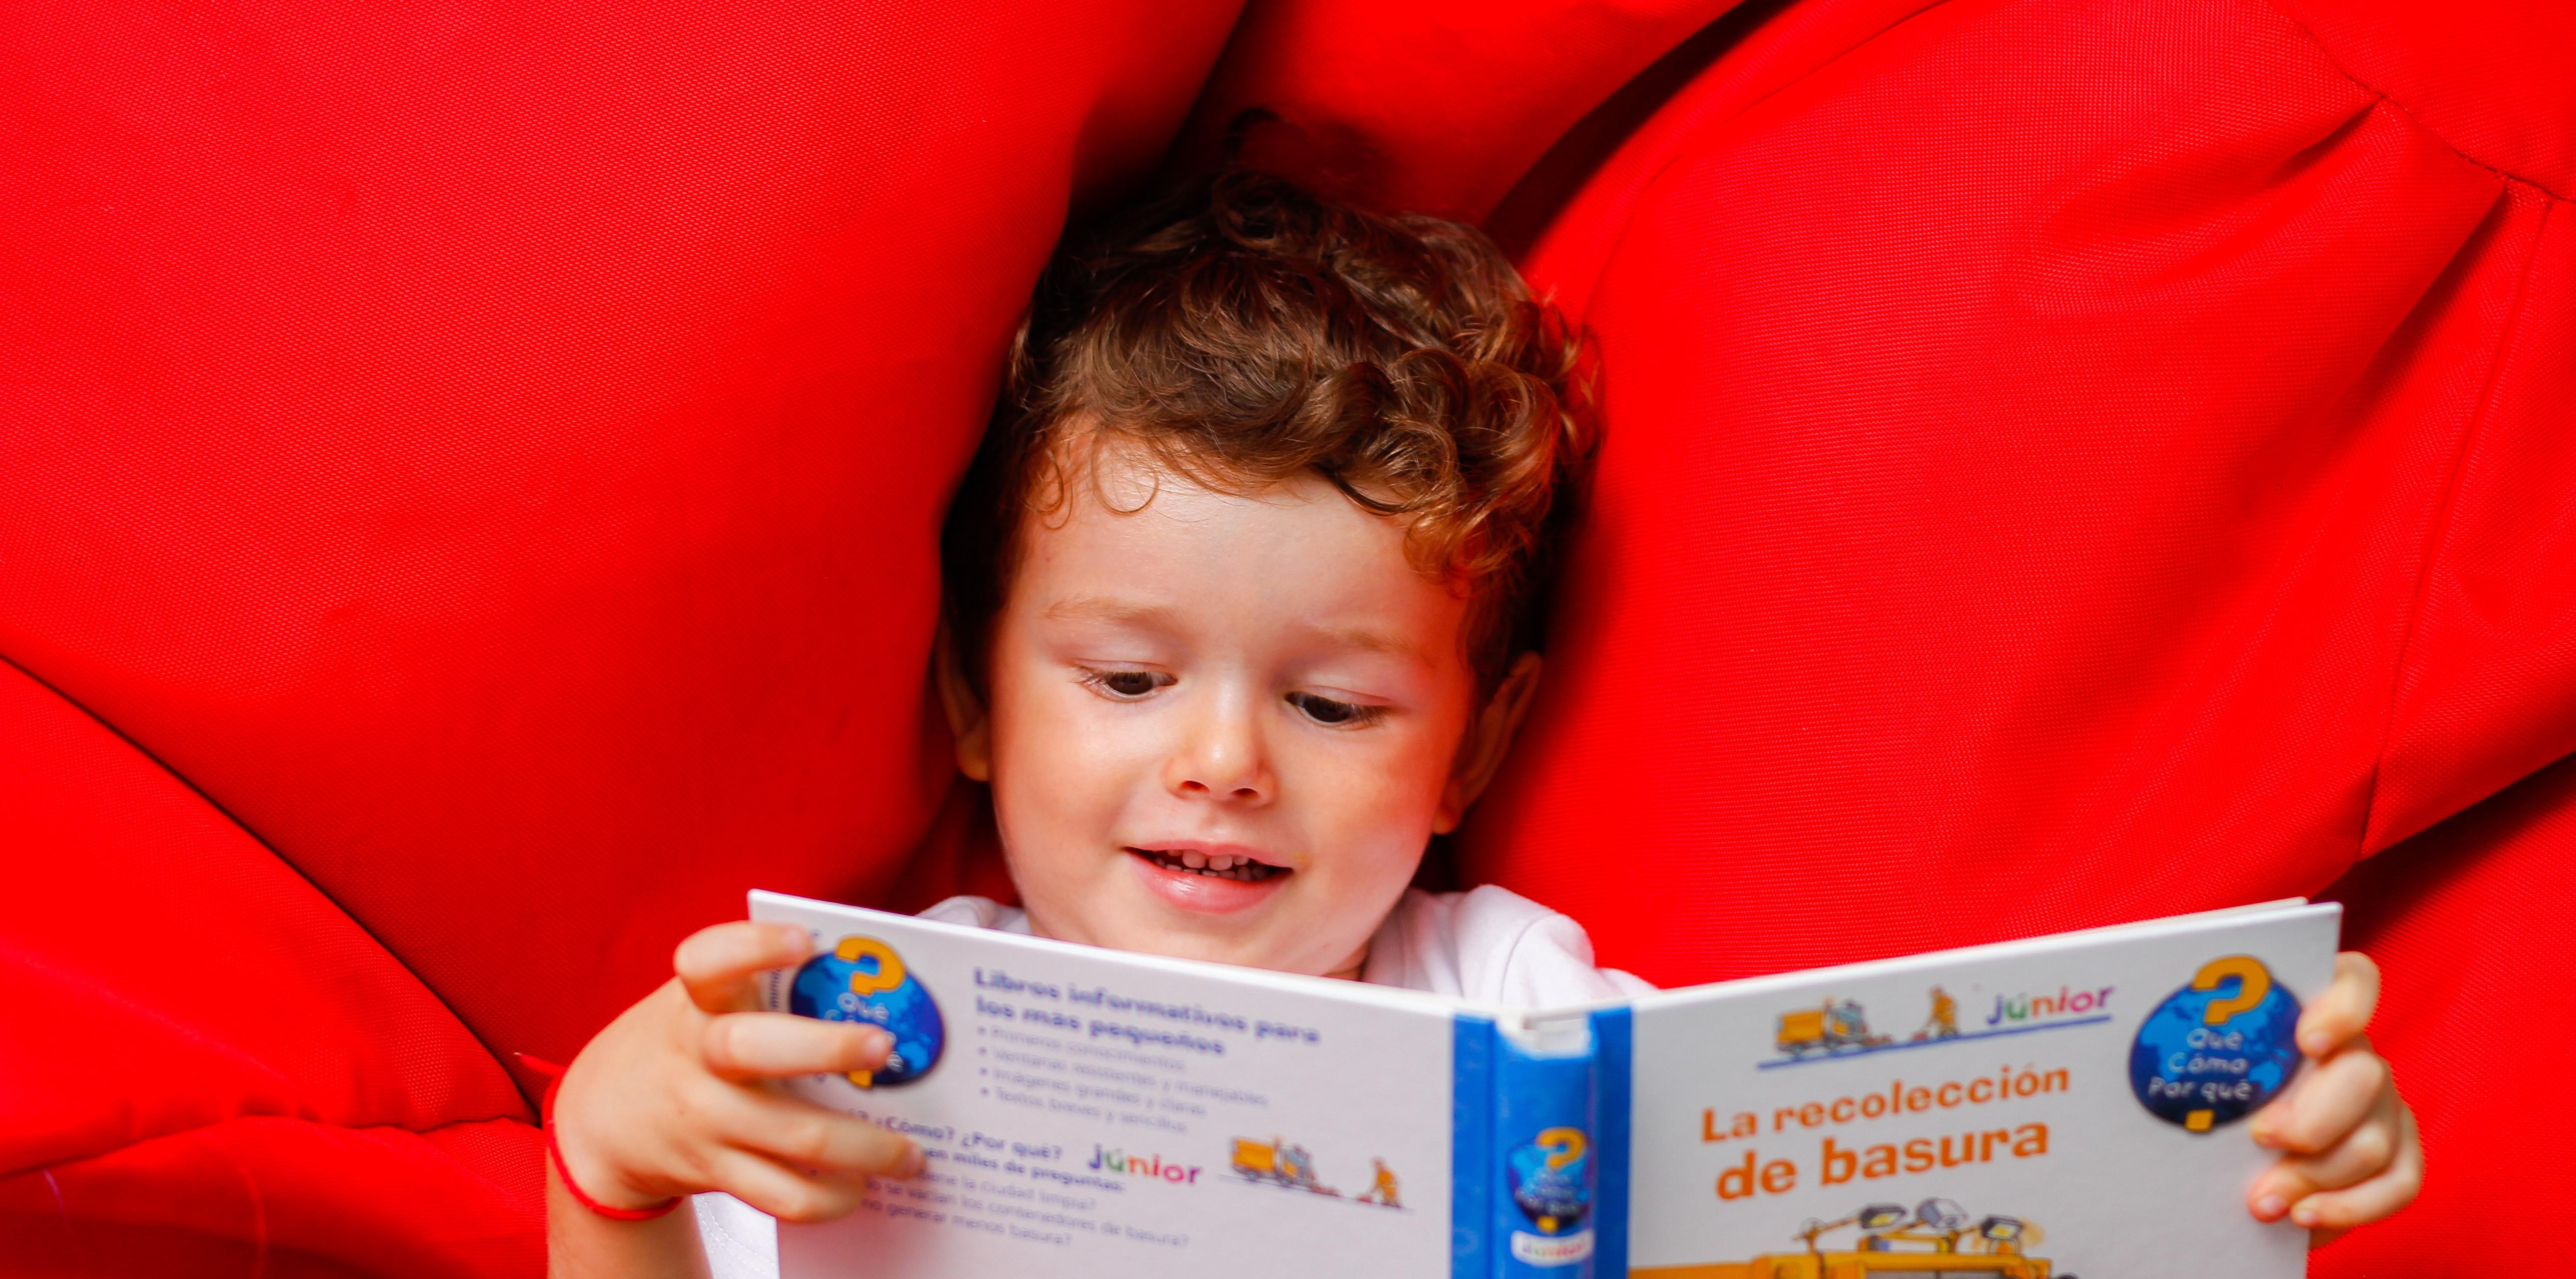 Educación virtual para niños